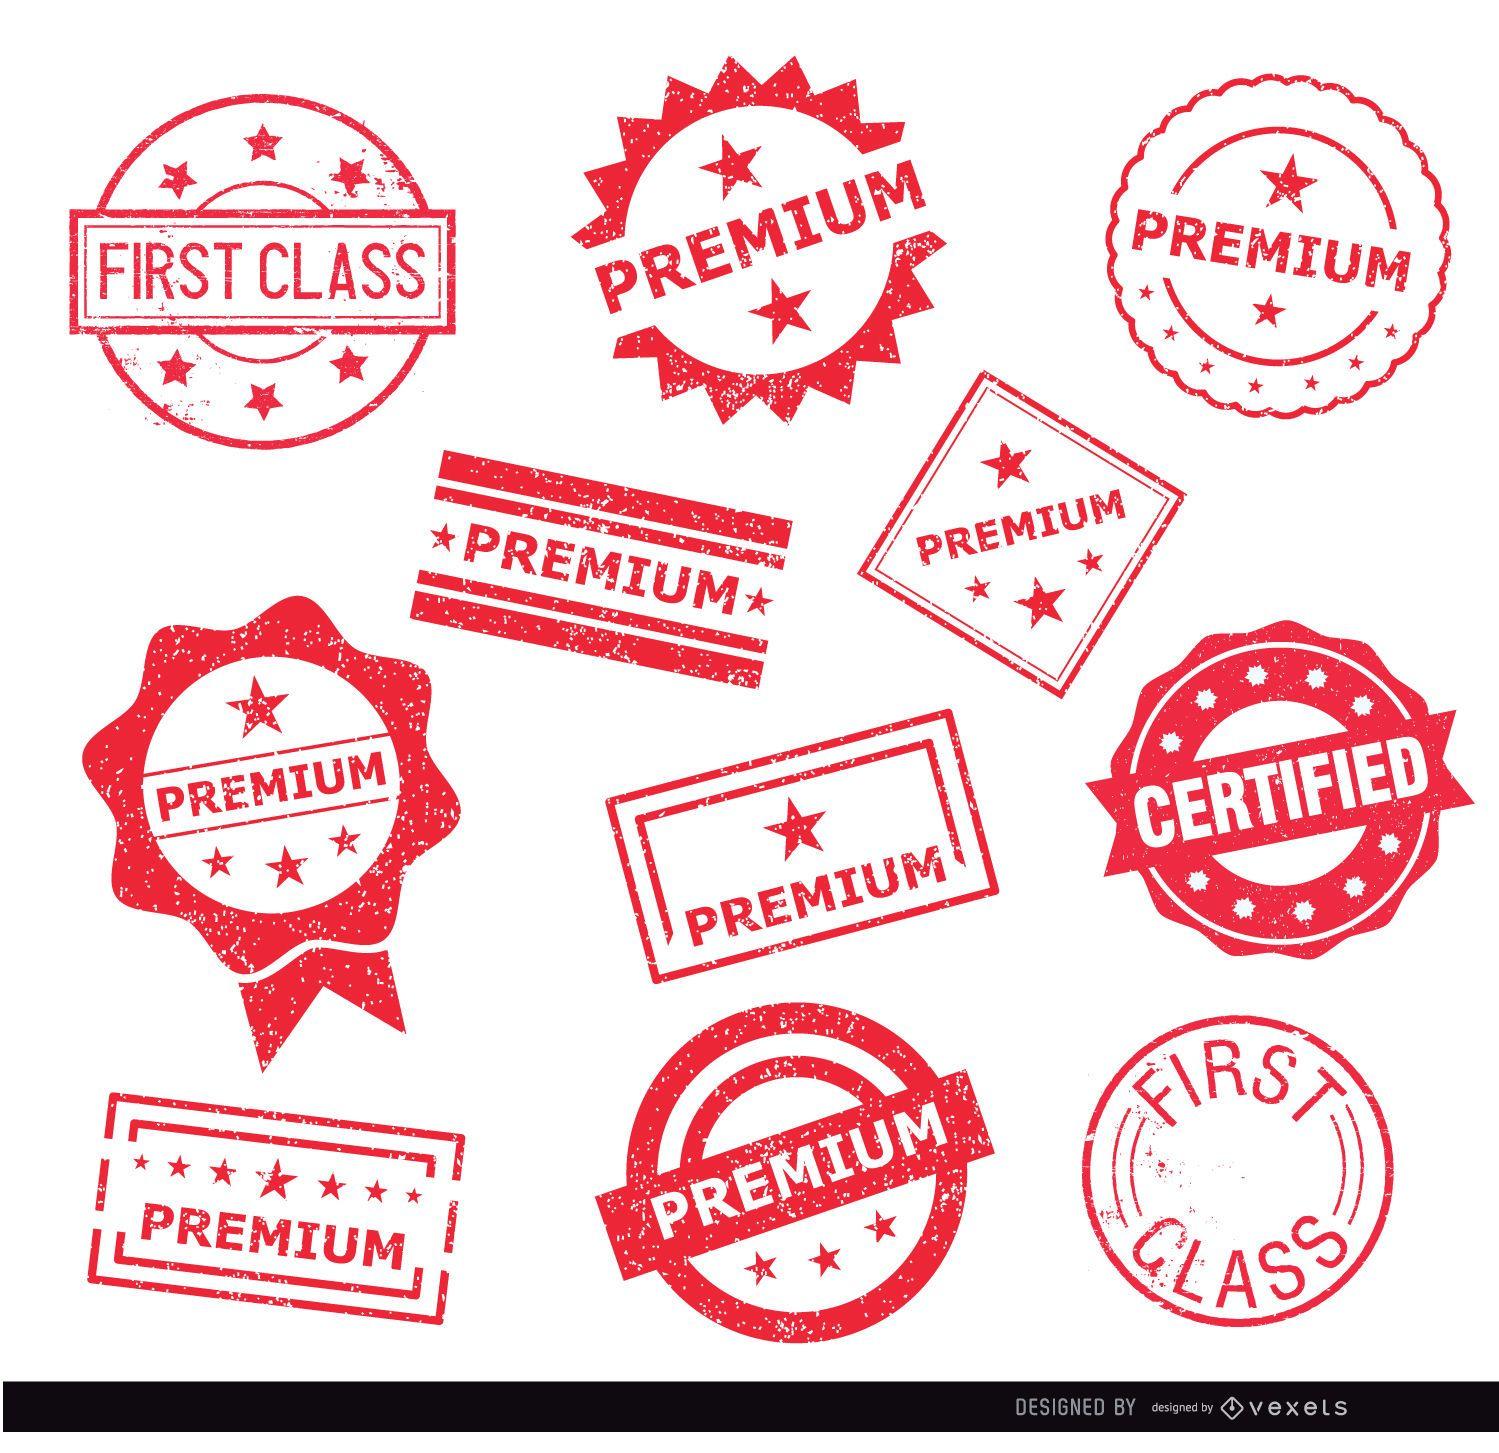 11 Premium-Stempelsiegel